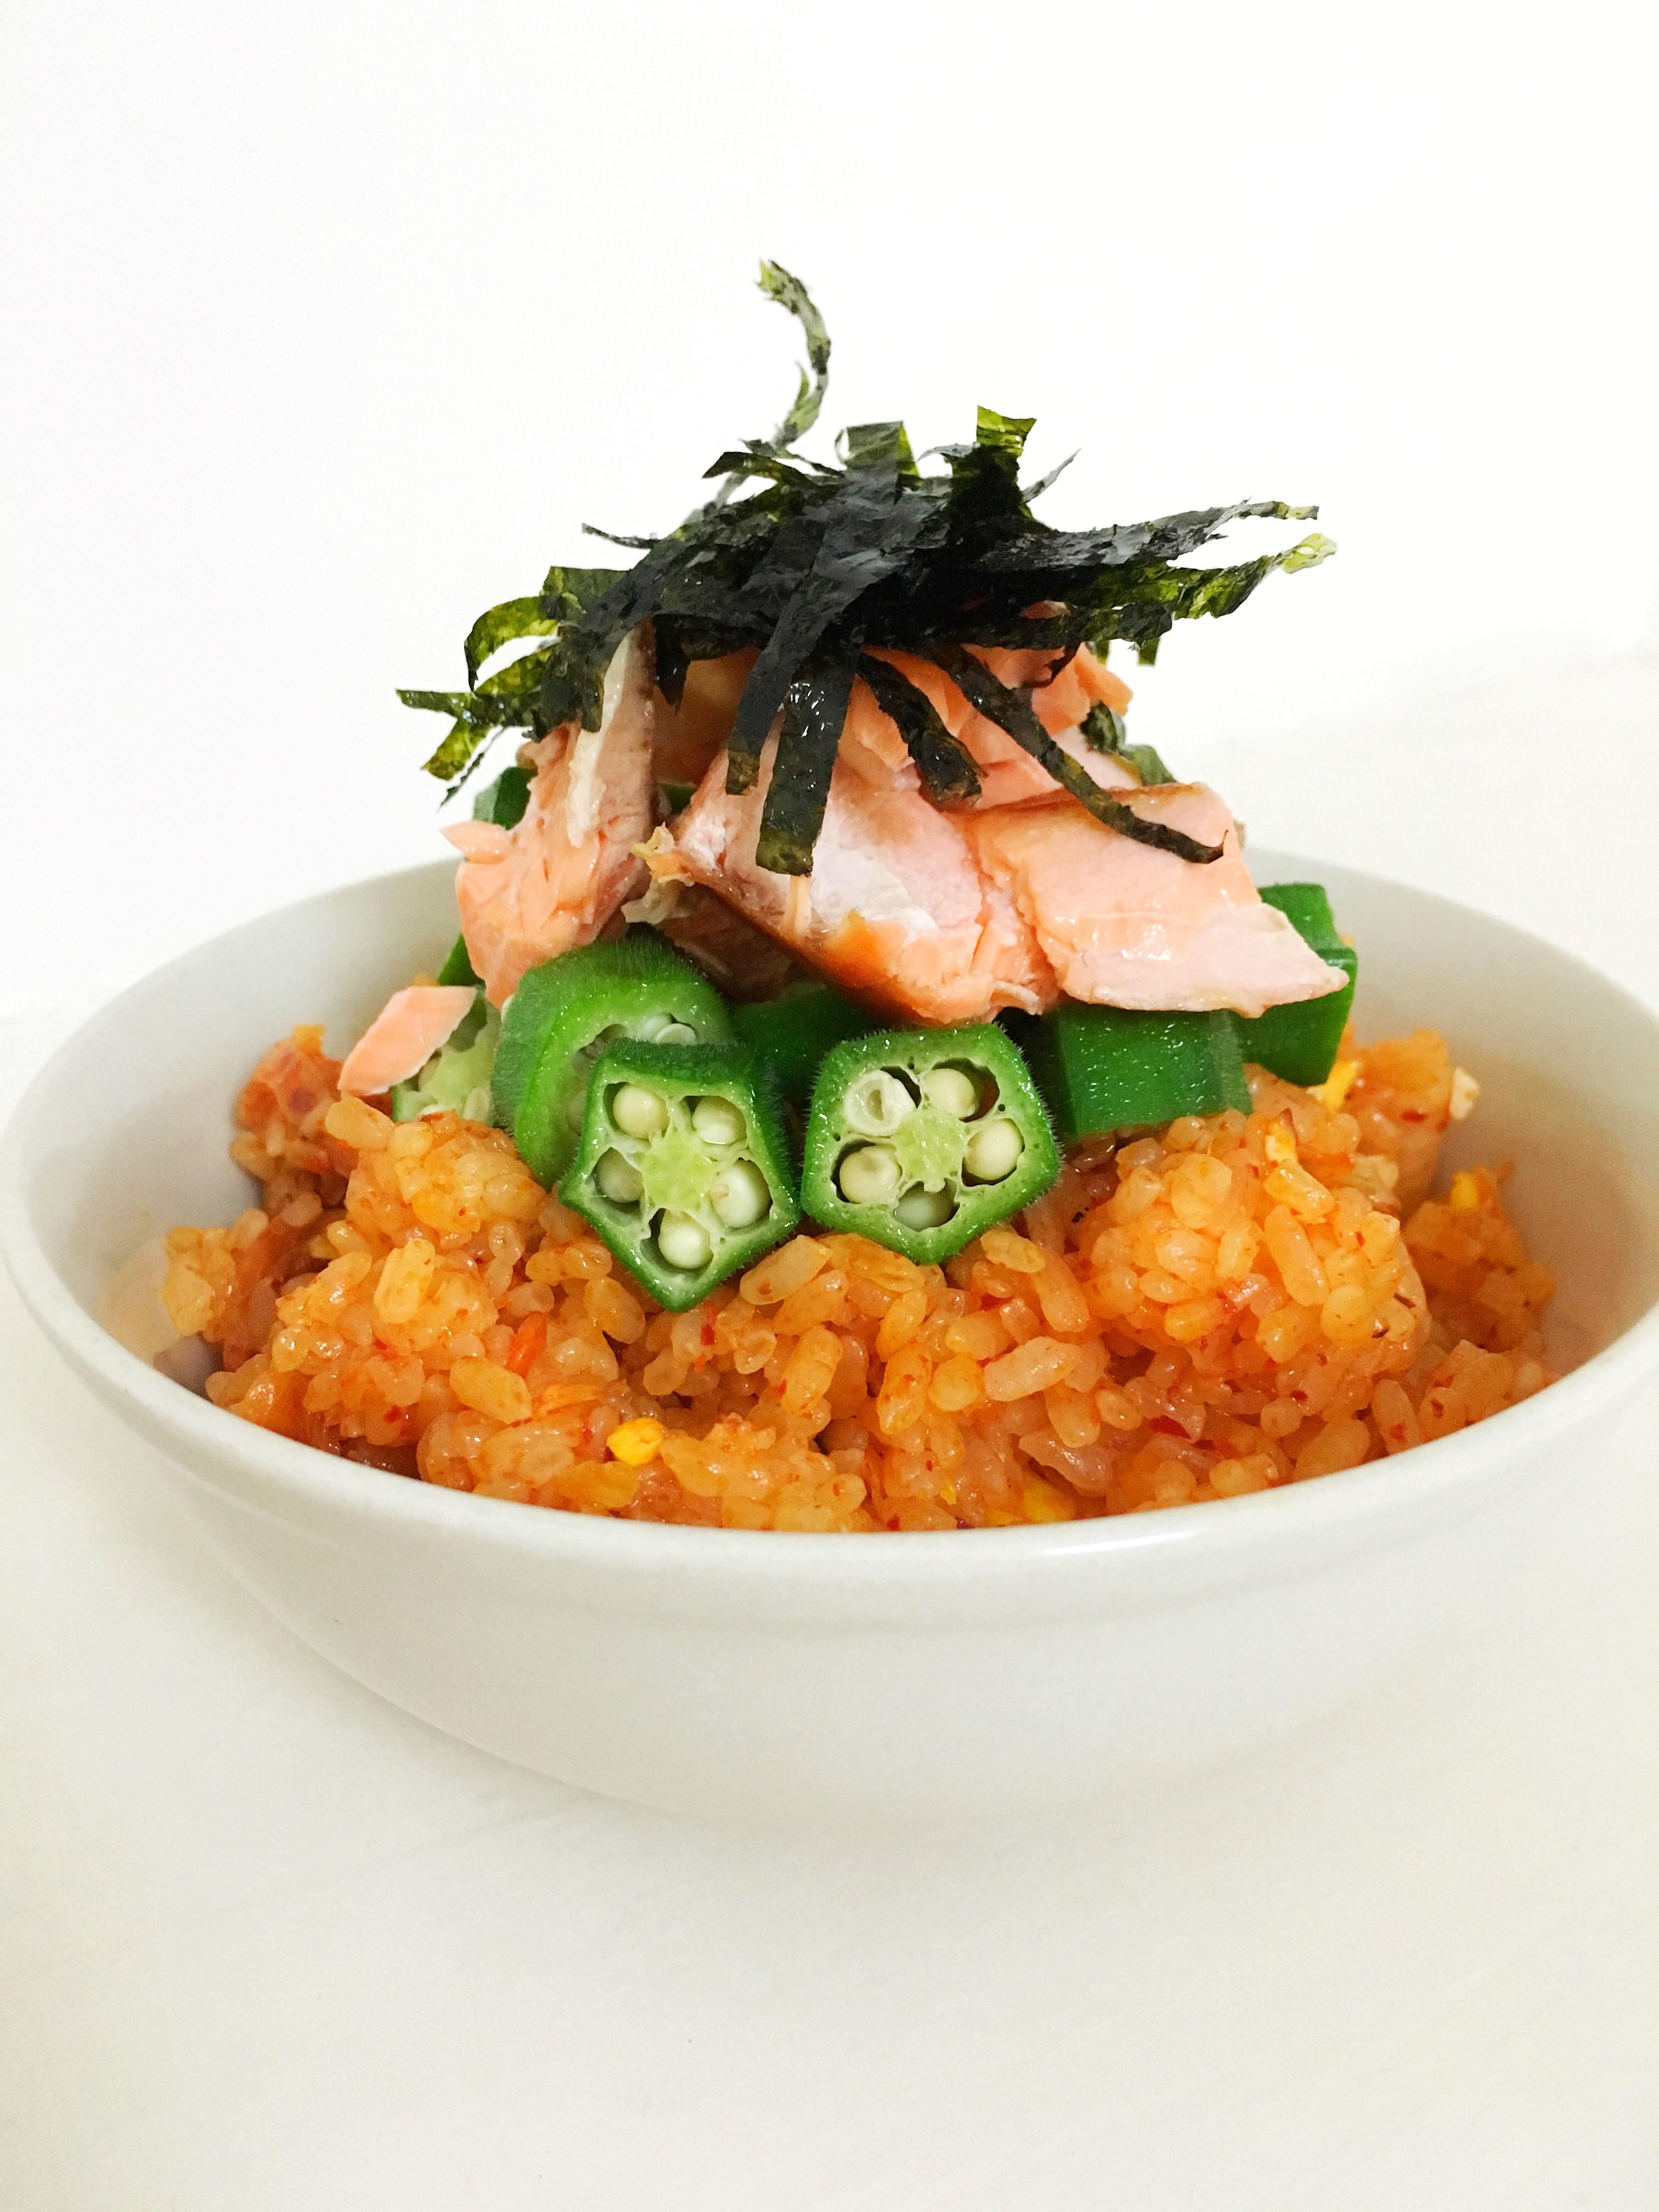 秋葵鮭魚泡菜炒飯 – Nina's 摸索廚房